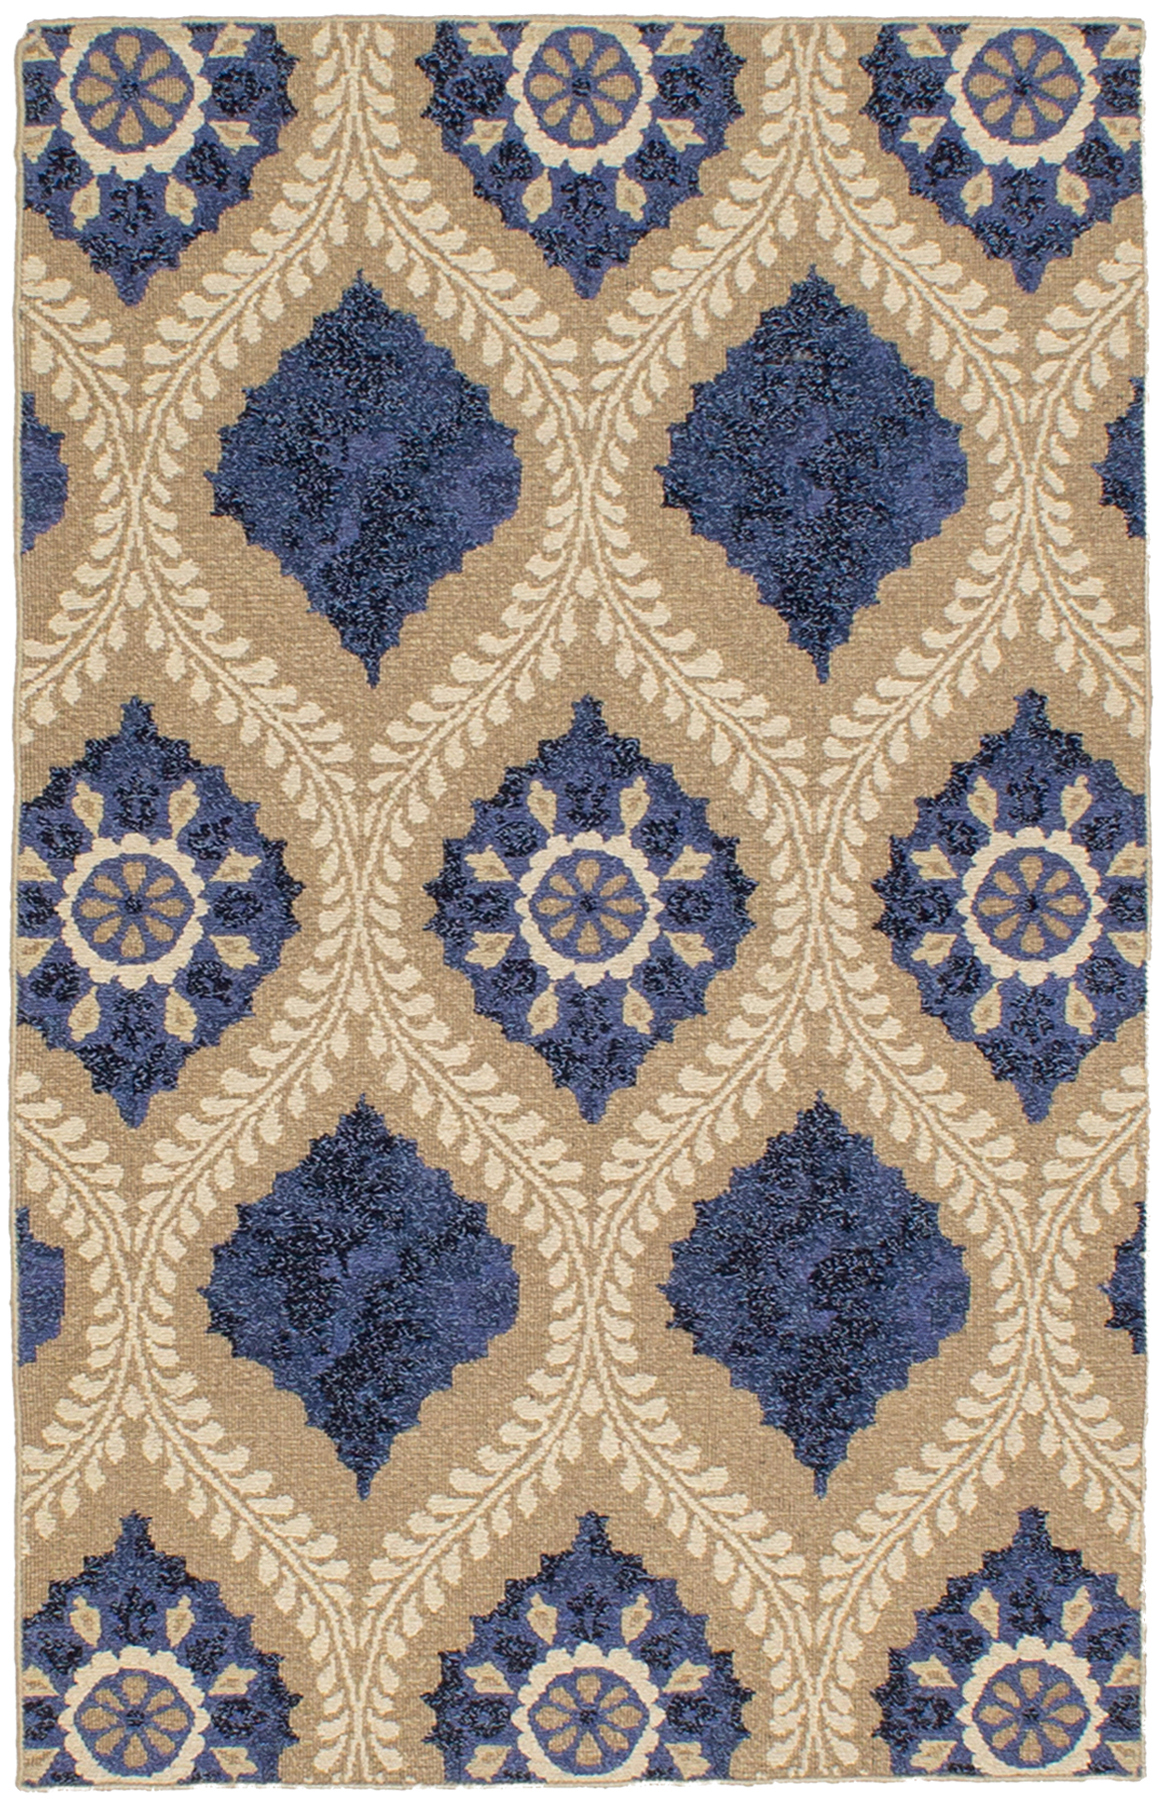 """Hand woven Tamar II Blue Wool Tapestry Kilim 3'6"""" x 5'6"""" Size: 3'6"""" x 5'6"""""""